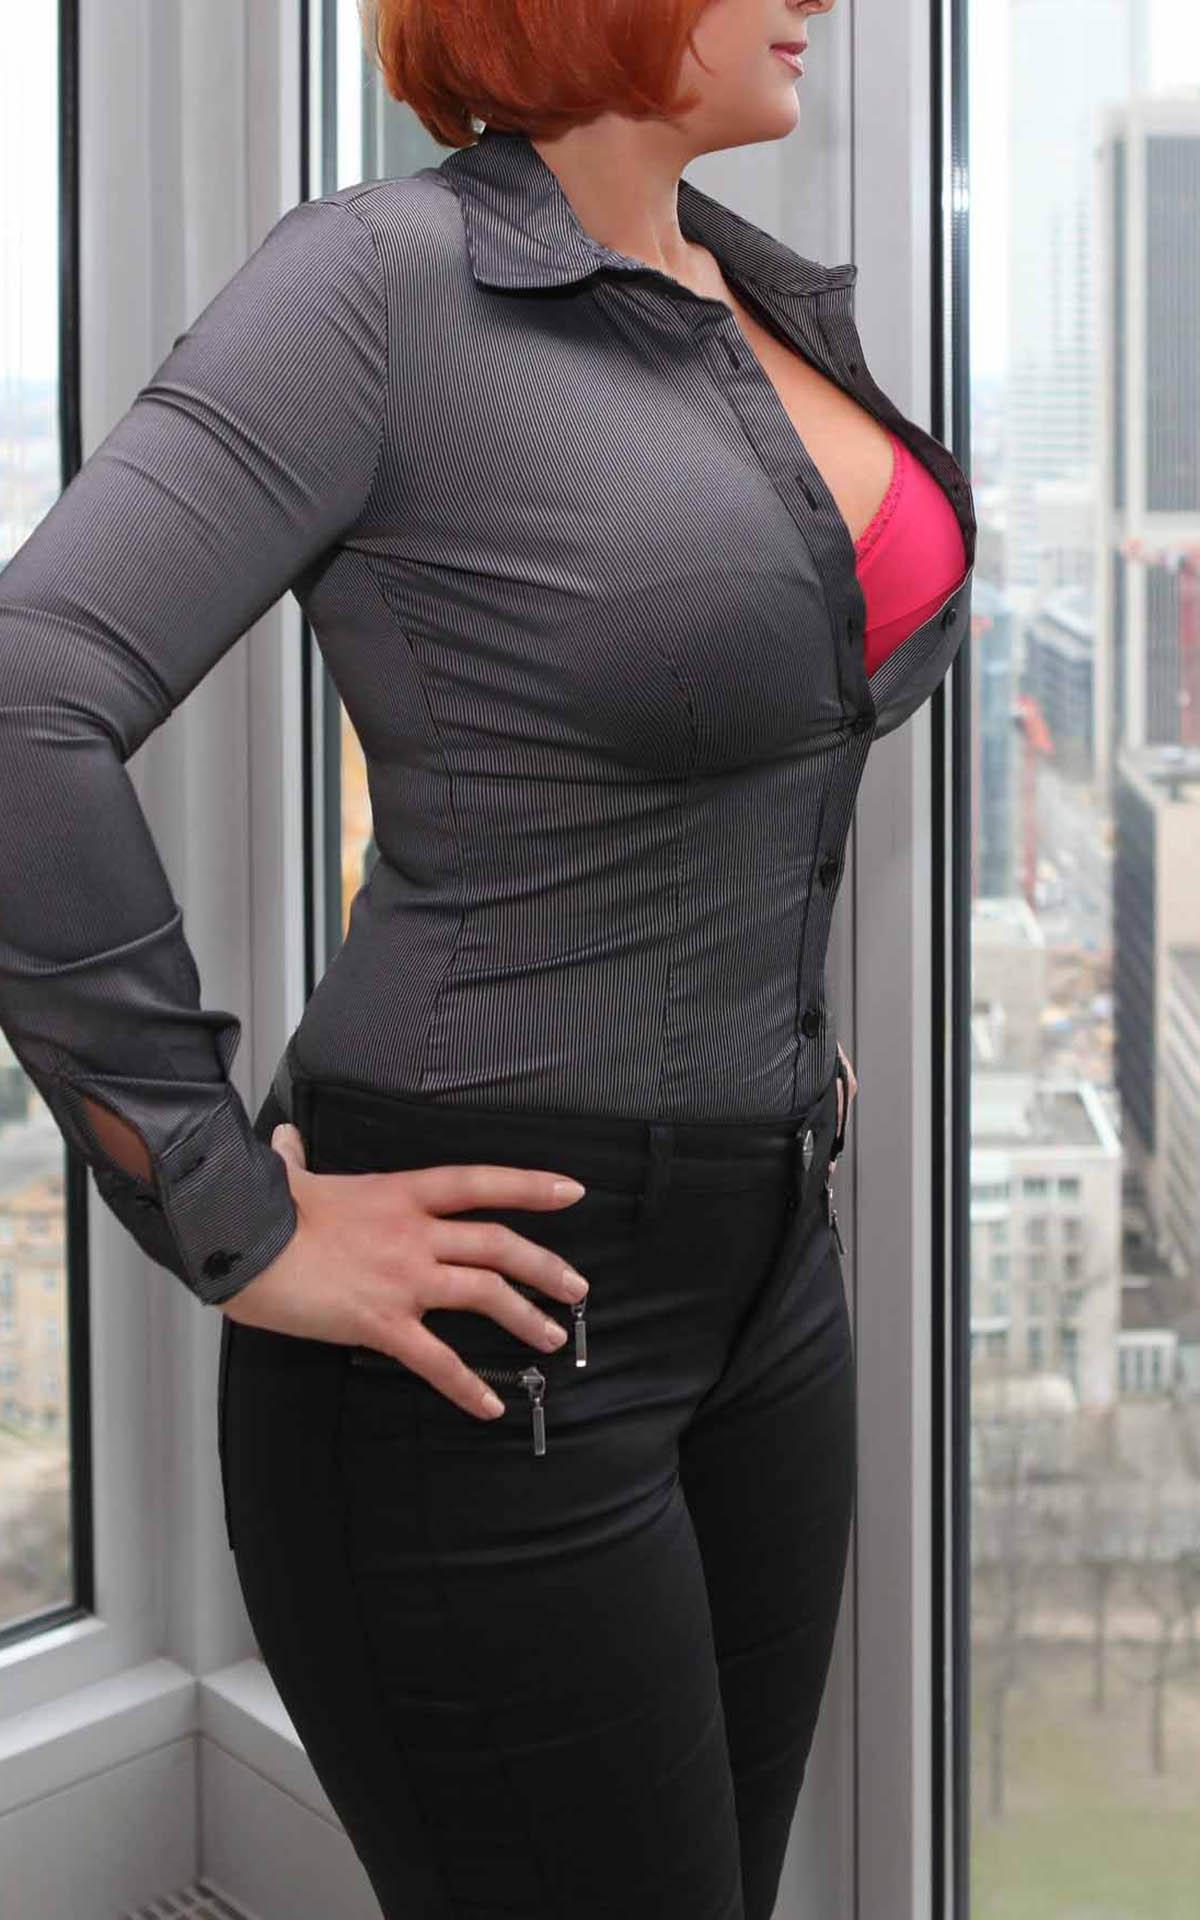 Sofia Begleitdame für VIP Genlemen im sexy Look mit großer Oberweite in einem roten BH in weit geöffnetem Dekolleté als Geschäftsfrau in ihnem Büro